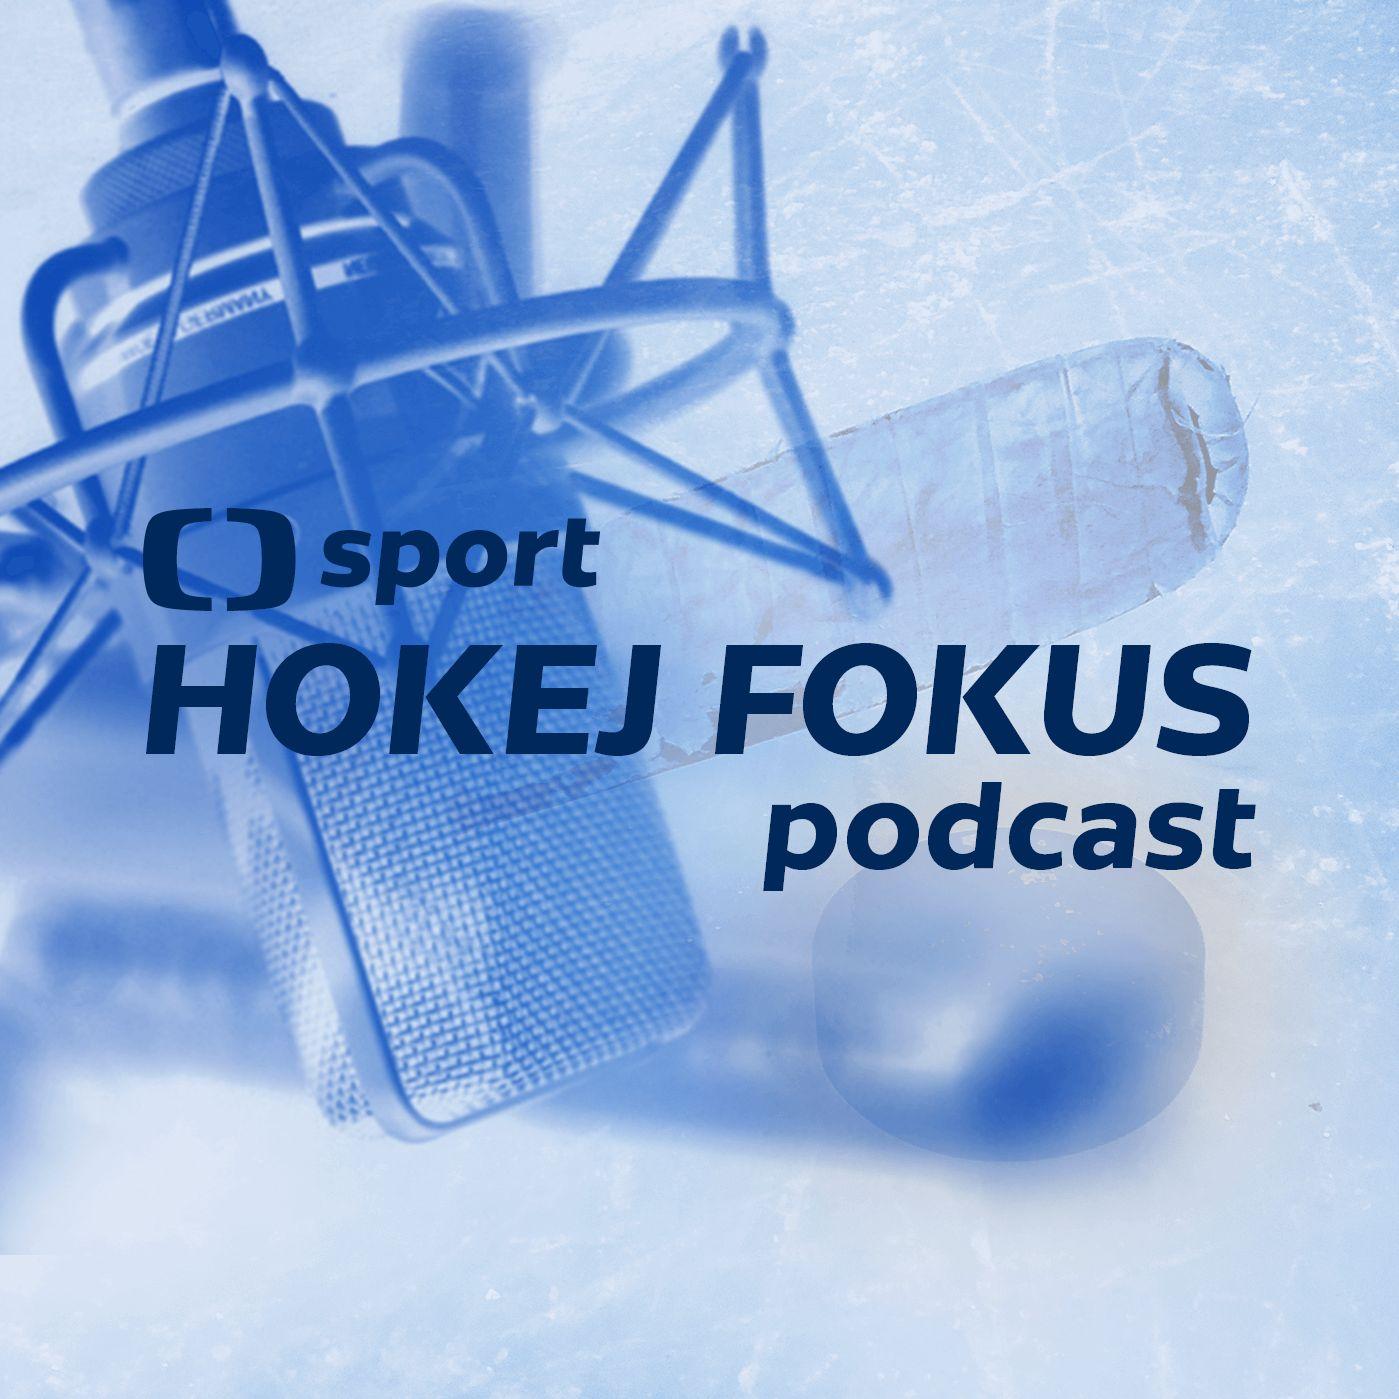 Hokej fokus podcast: Budou české kluby přistupovat k Lize mistrů jako Třinec?